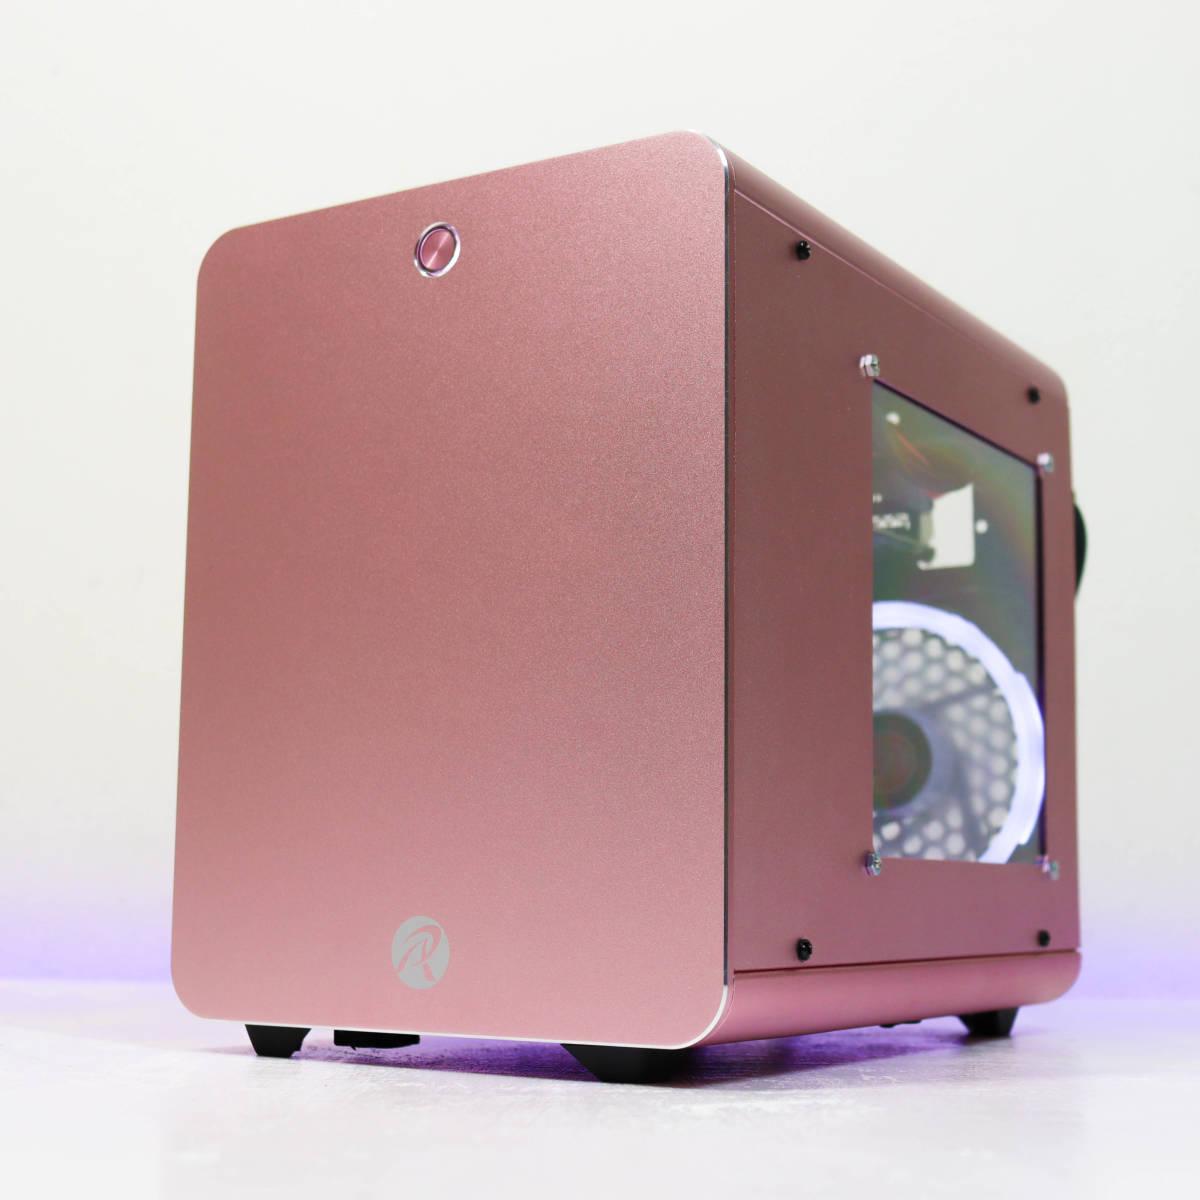 【最大5画面出力小型ハイエンドゲーミングPC】FX/デイトレ/株/i7-6700/ストレージ6000GB/office2020/Wifi接続OK/USB 3.0/領収書可